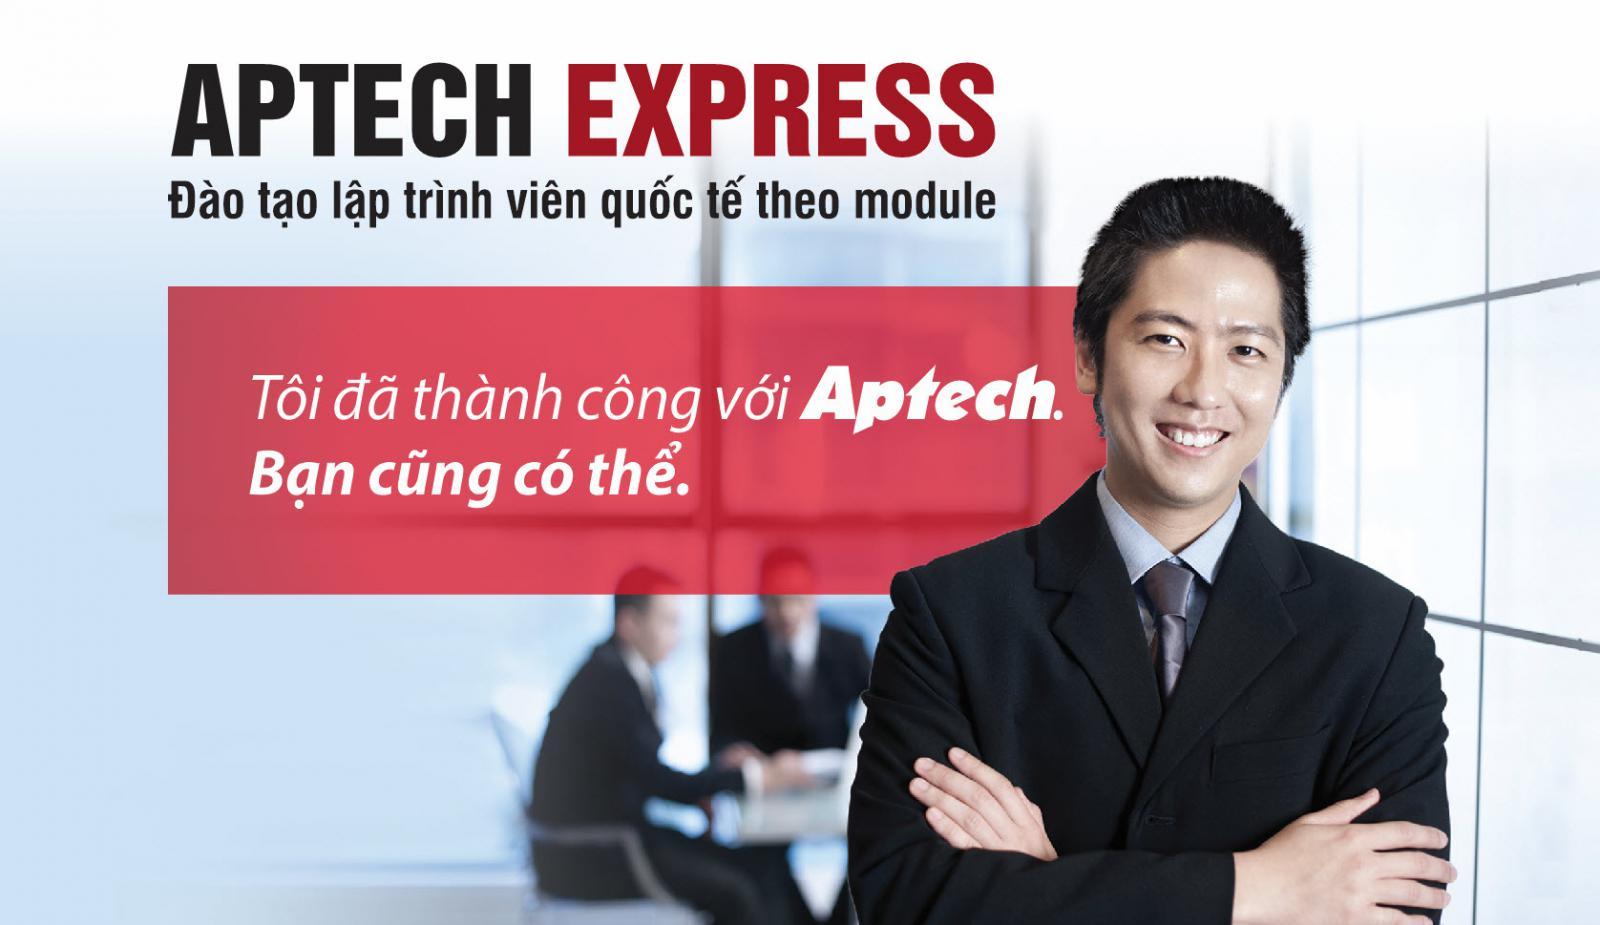 [Khái niệm] Aptech là gì? Có hay không việc lập nghiệp từ Aptech – 2021